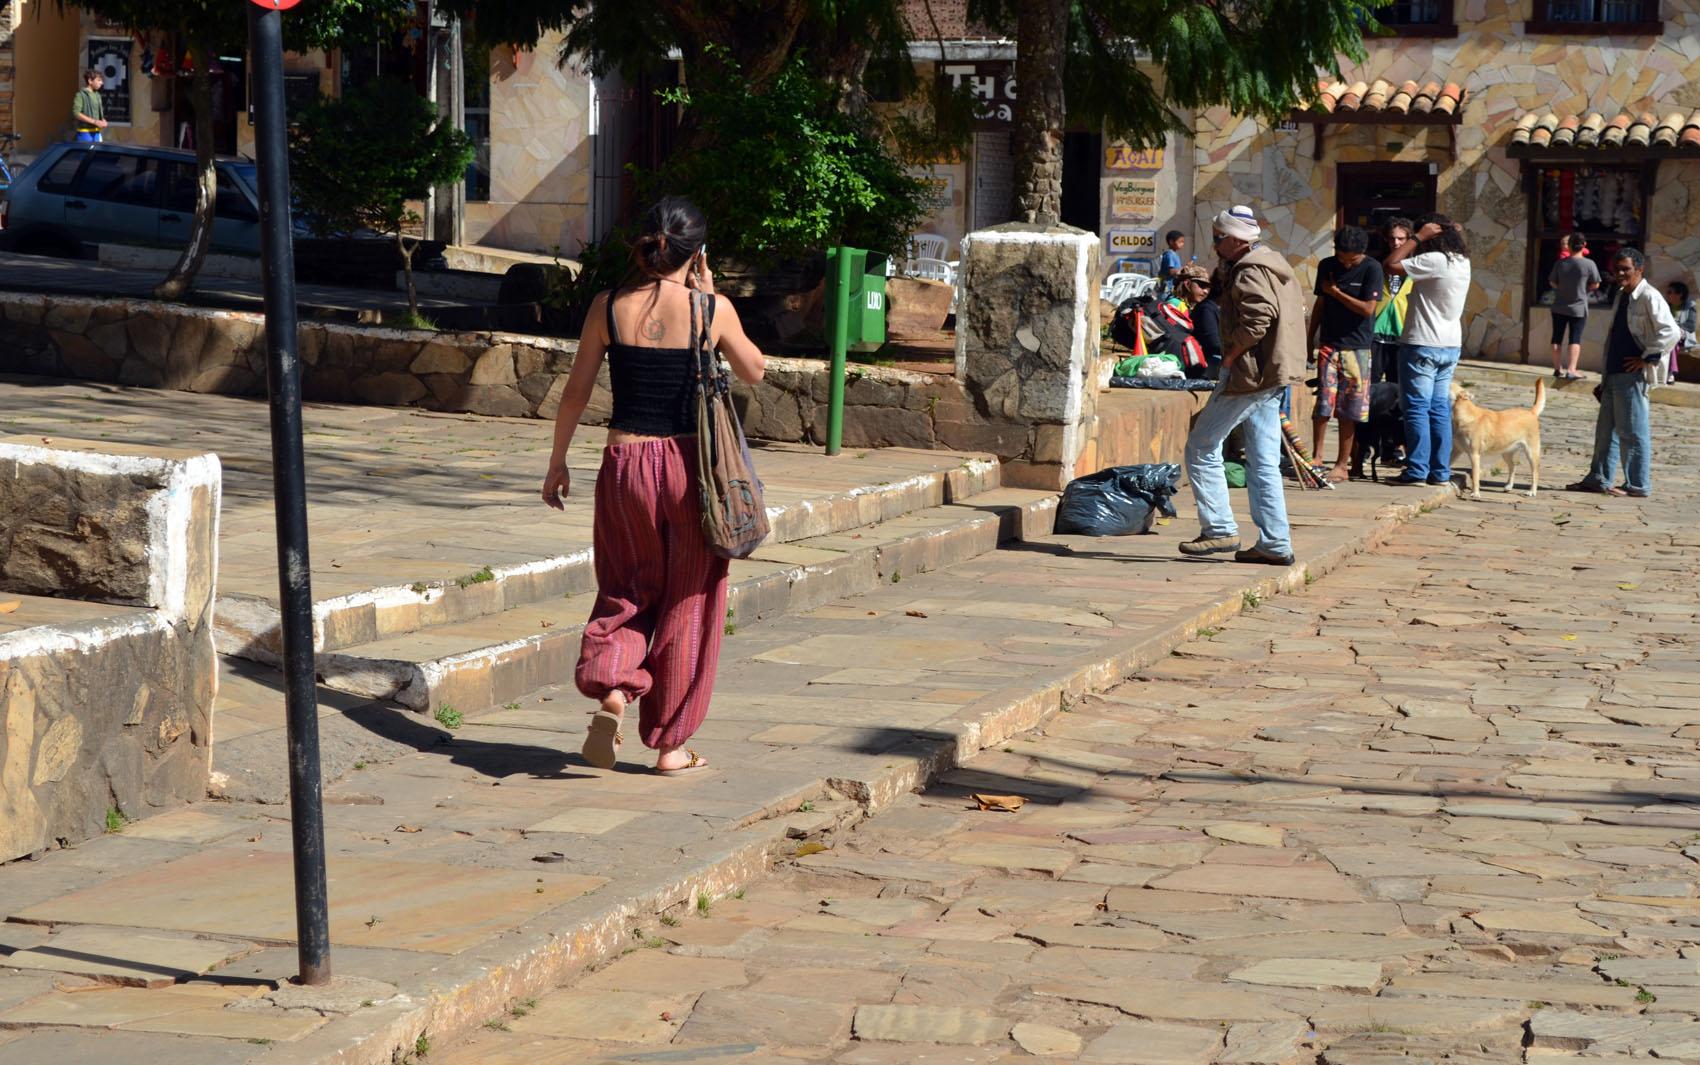 Estilo alternativo está presente nas ruas de São Tomé das Letras